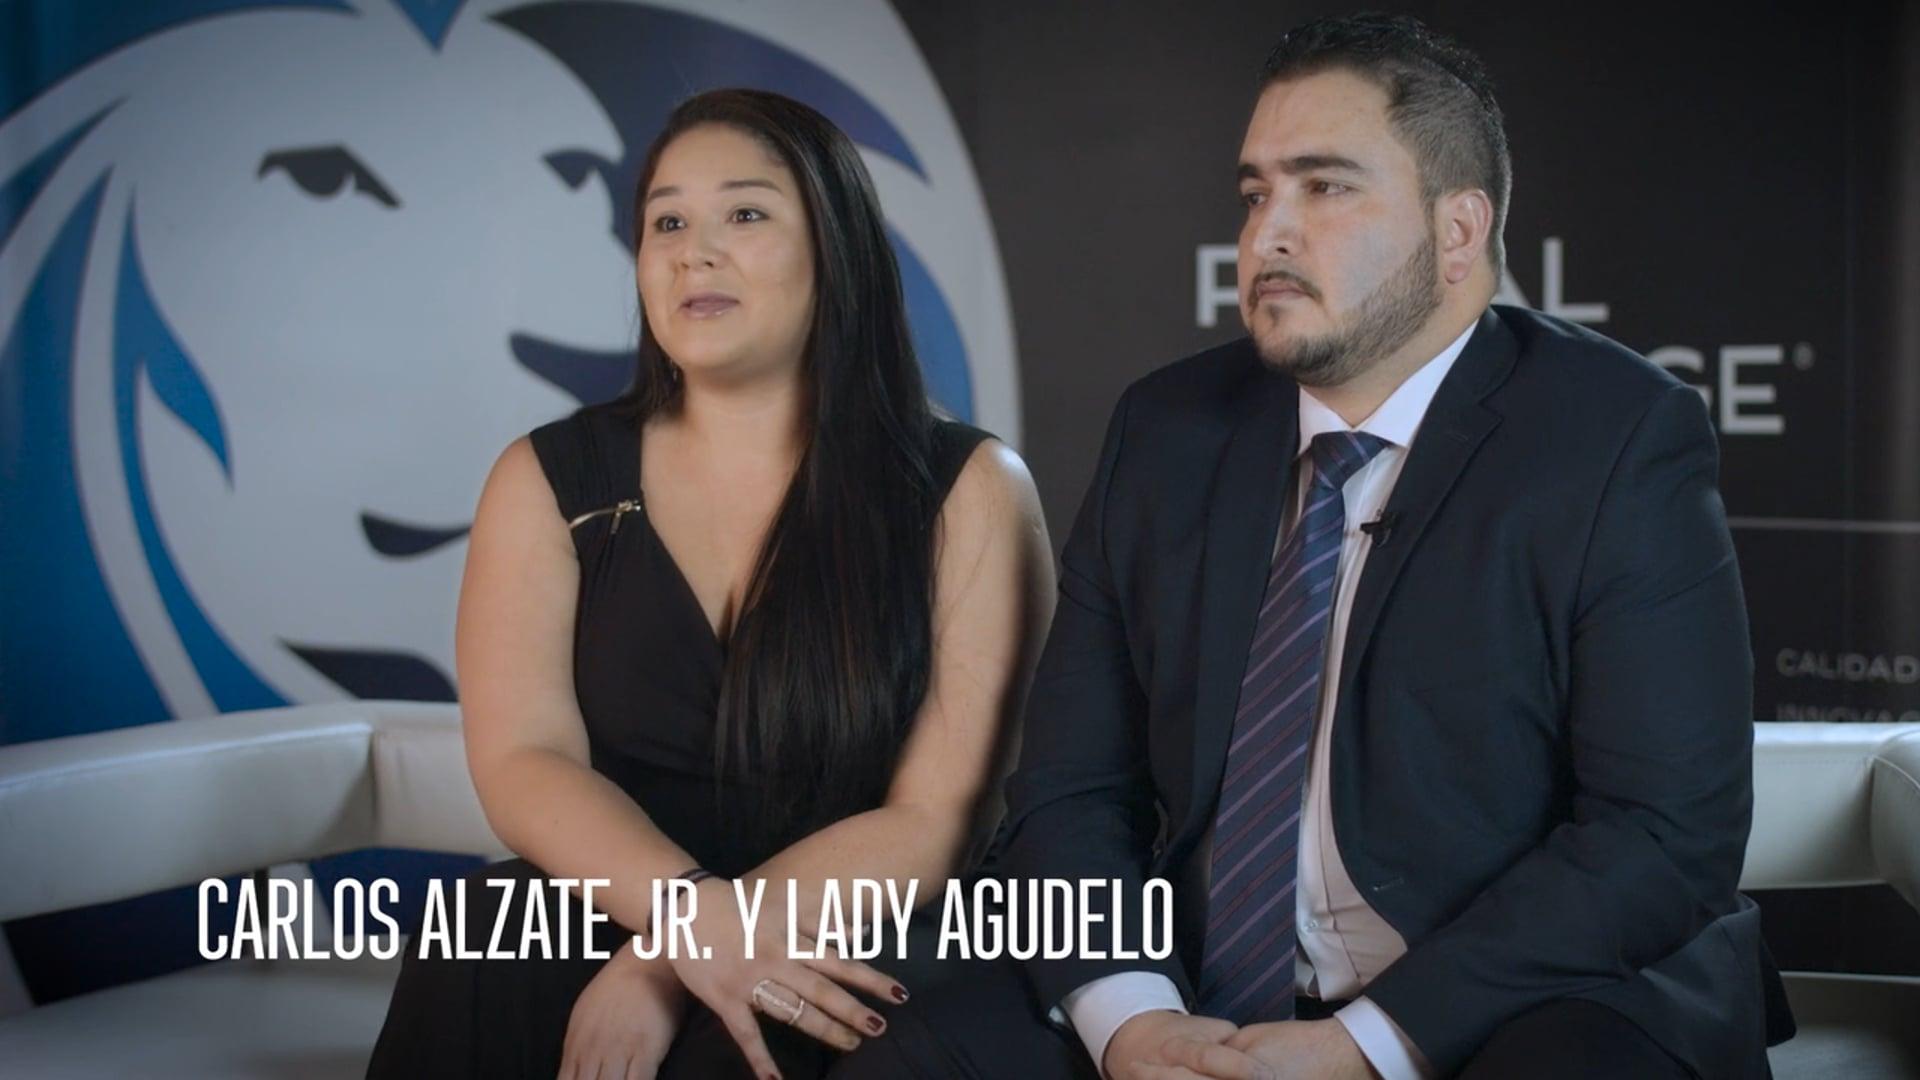 Carlos Alzate Jr. y Lady Agudelo son La Cara del Éxito_v2018